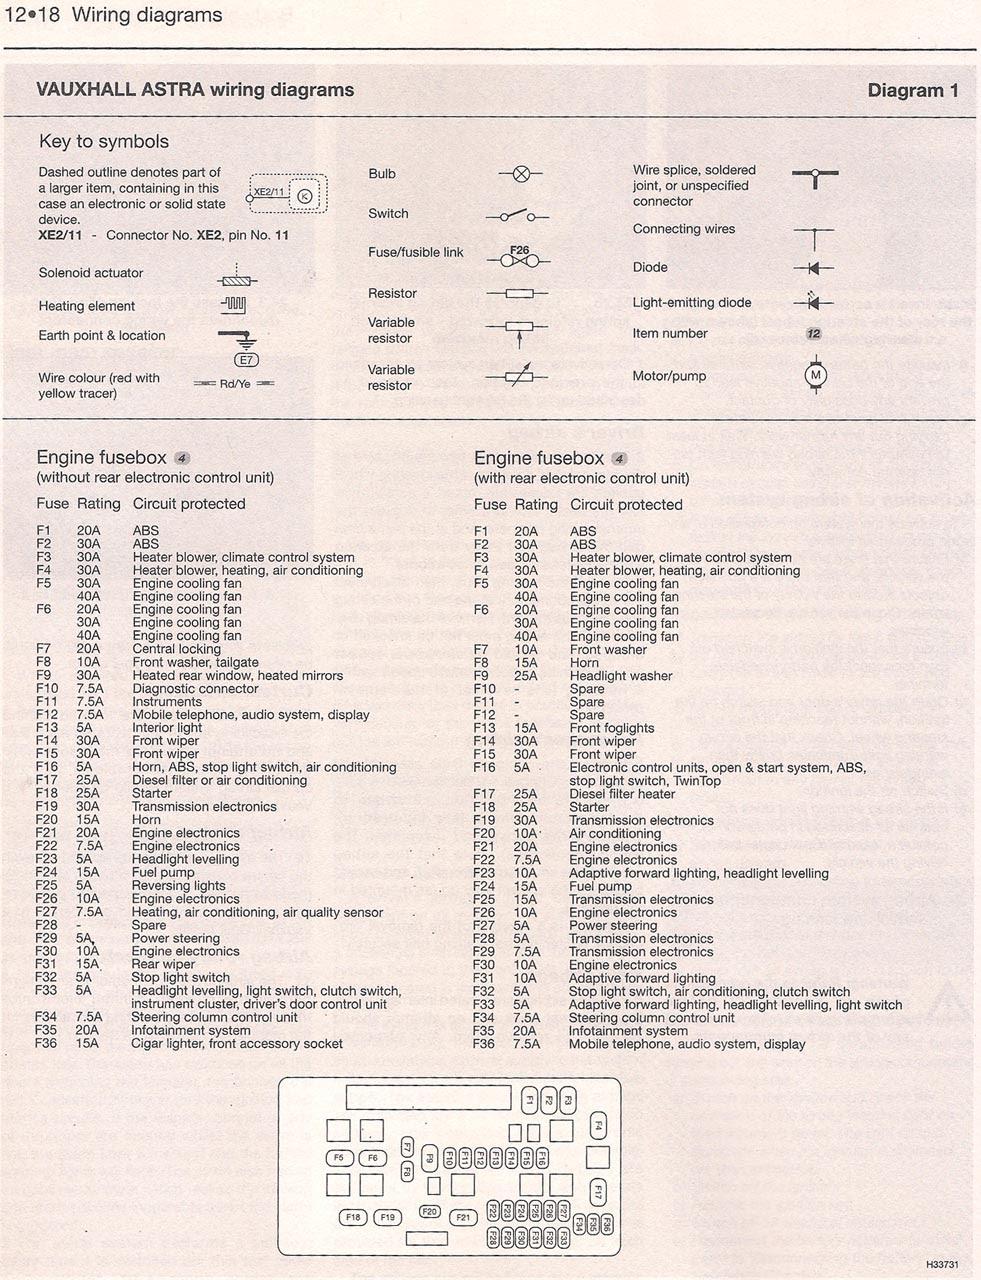 diagram] vauxhall astra 2005 wiring diagram - basklanp.trasportopiu.it  diagram database